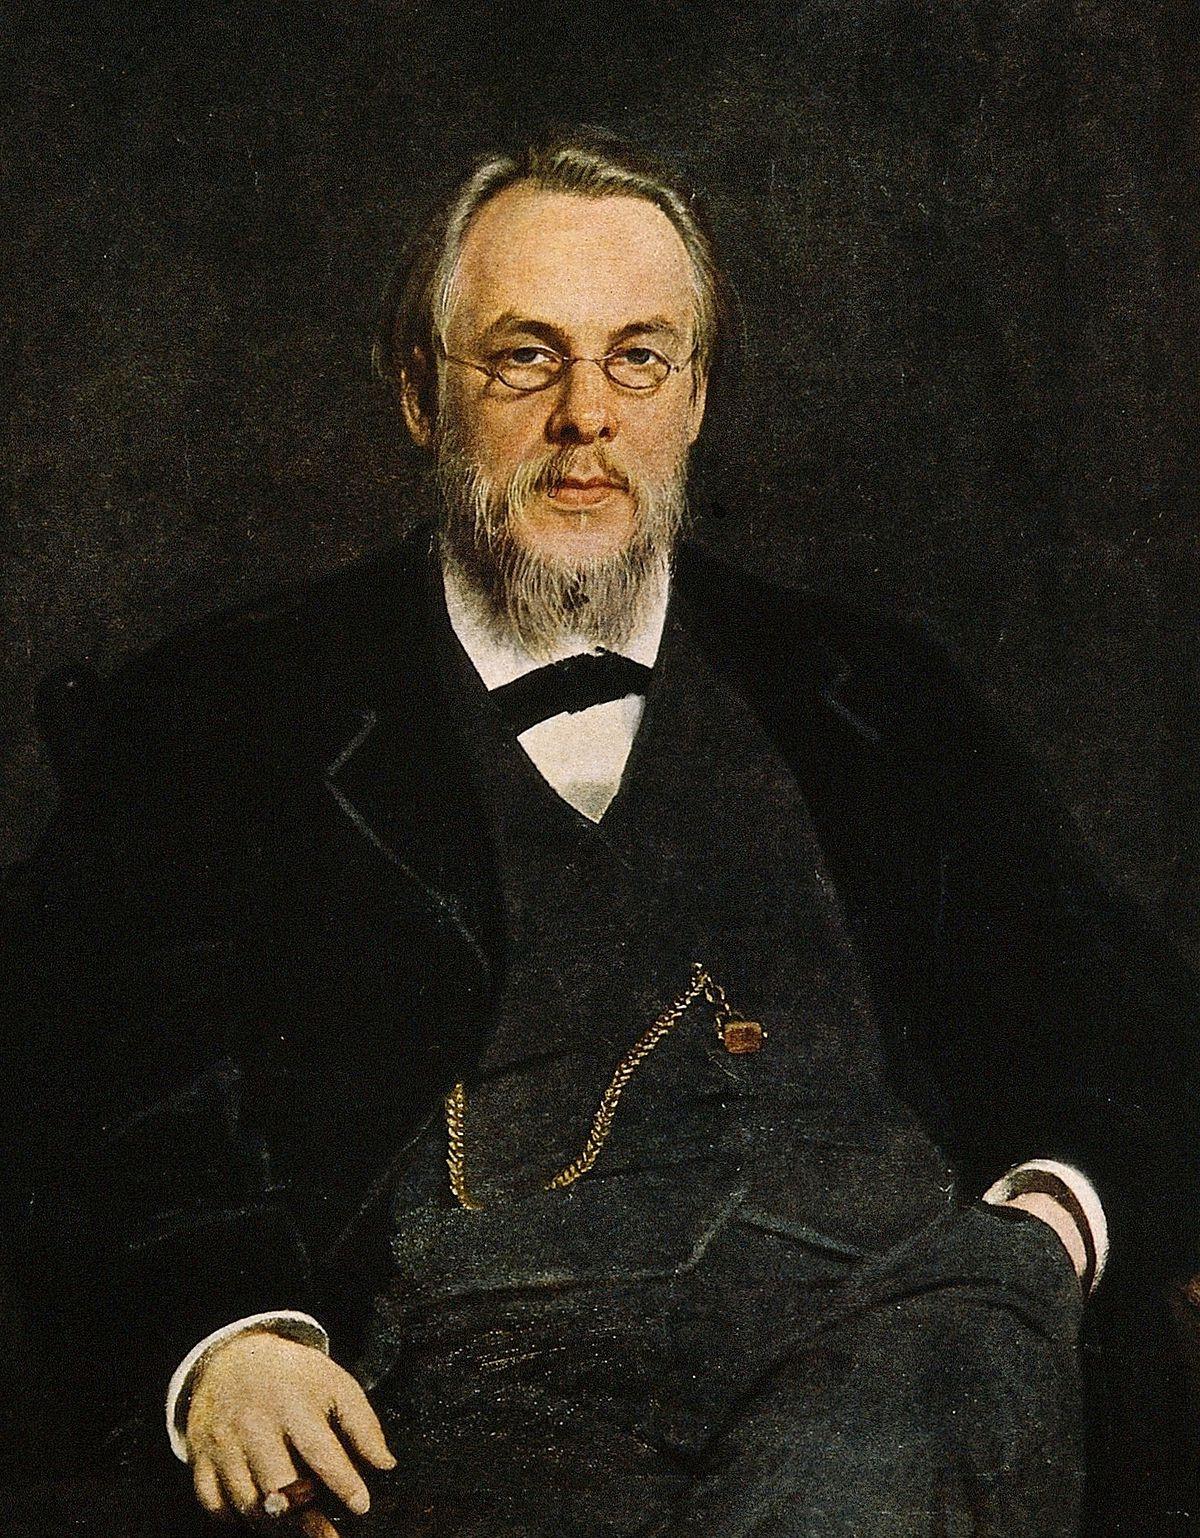 Сергей Боткин (1839-1889)   8 русских и советских врачей, изменивших мир в лучшую сторону   Brain Berries